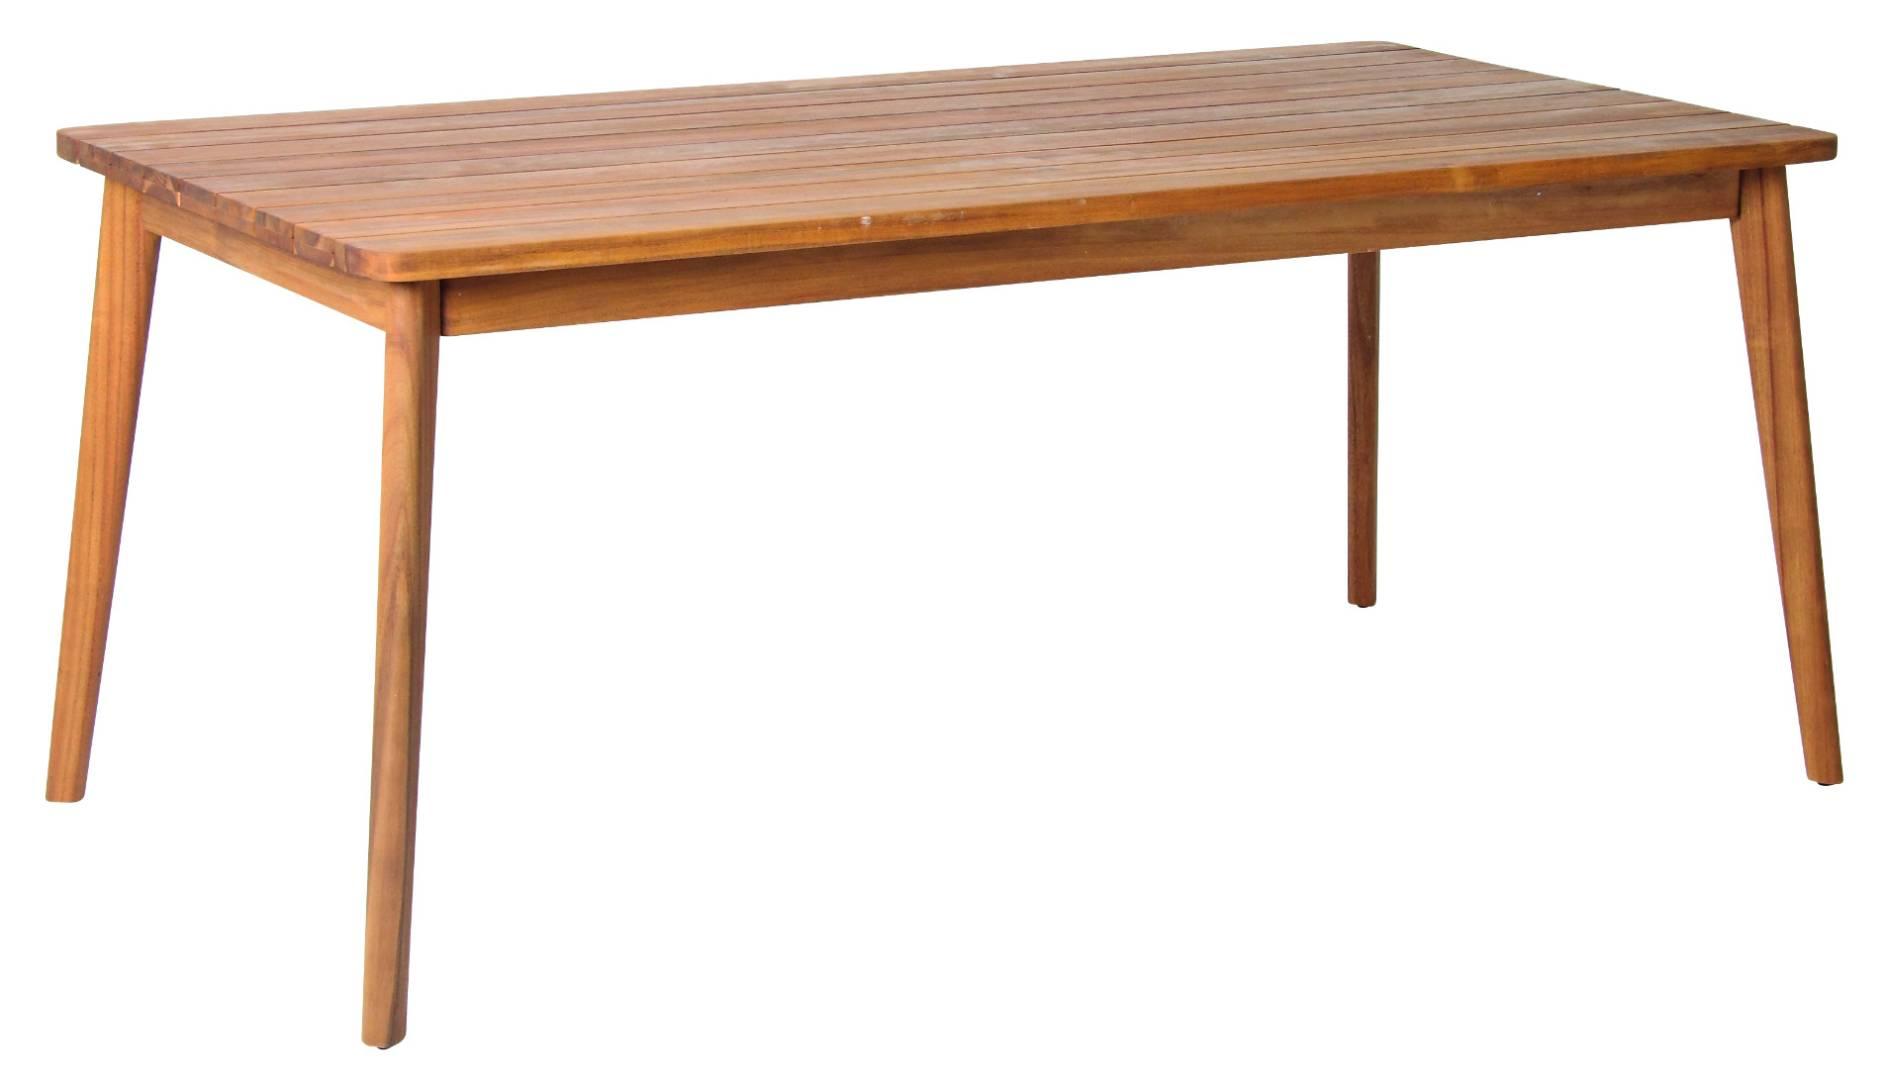 Atacama Gartentisch aus geöltem FSC Akazienholz 180x90cm